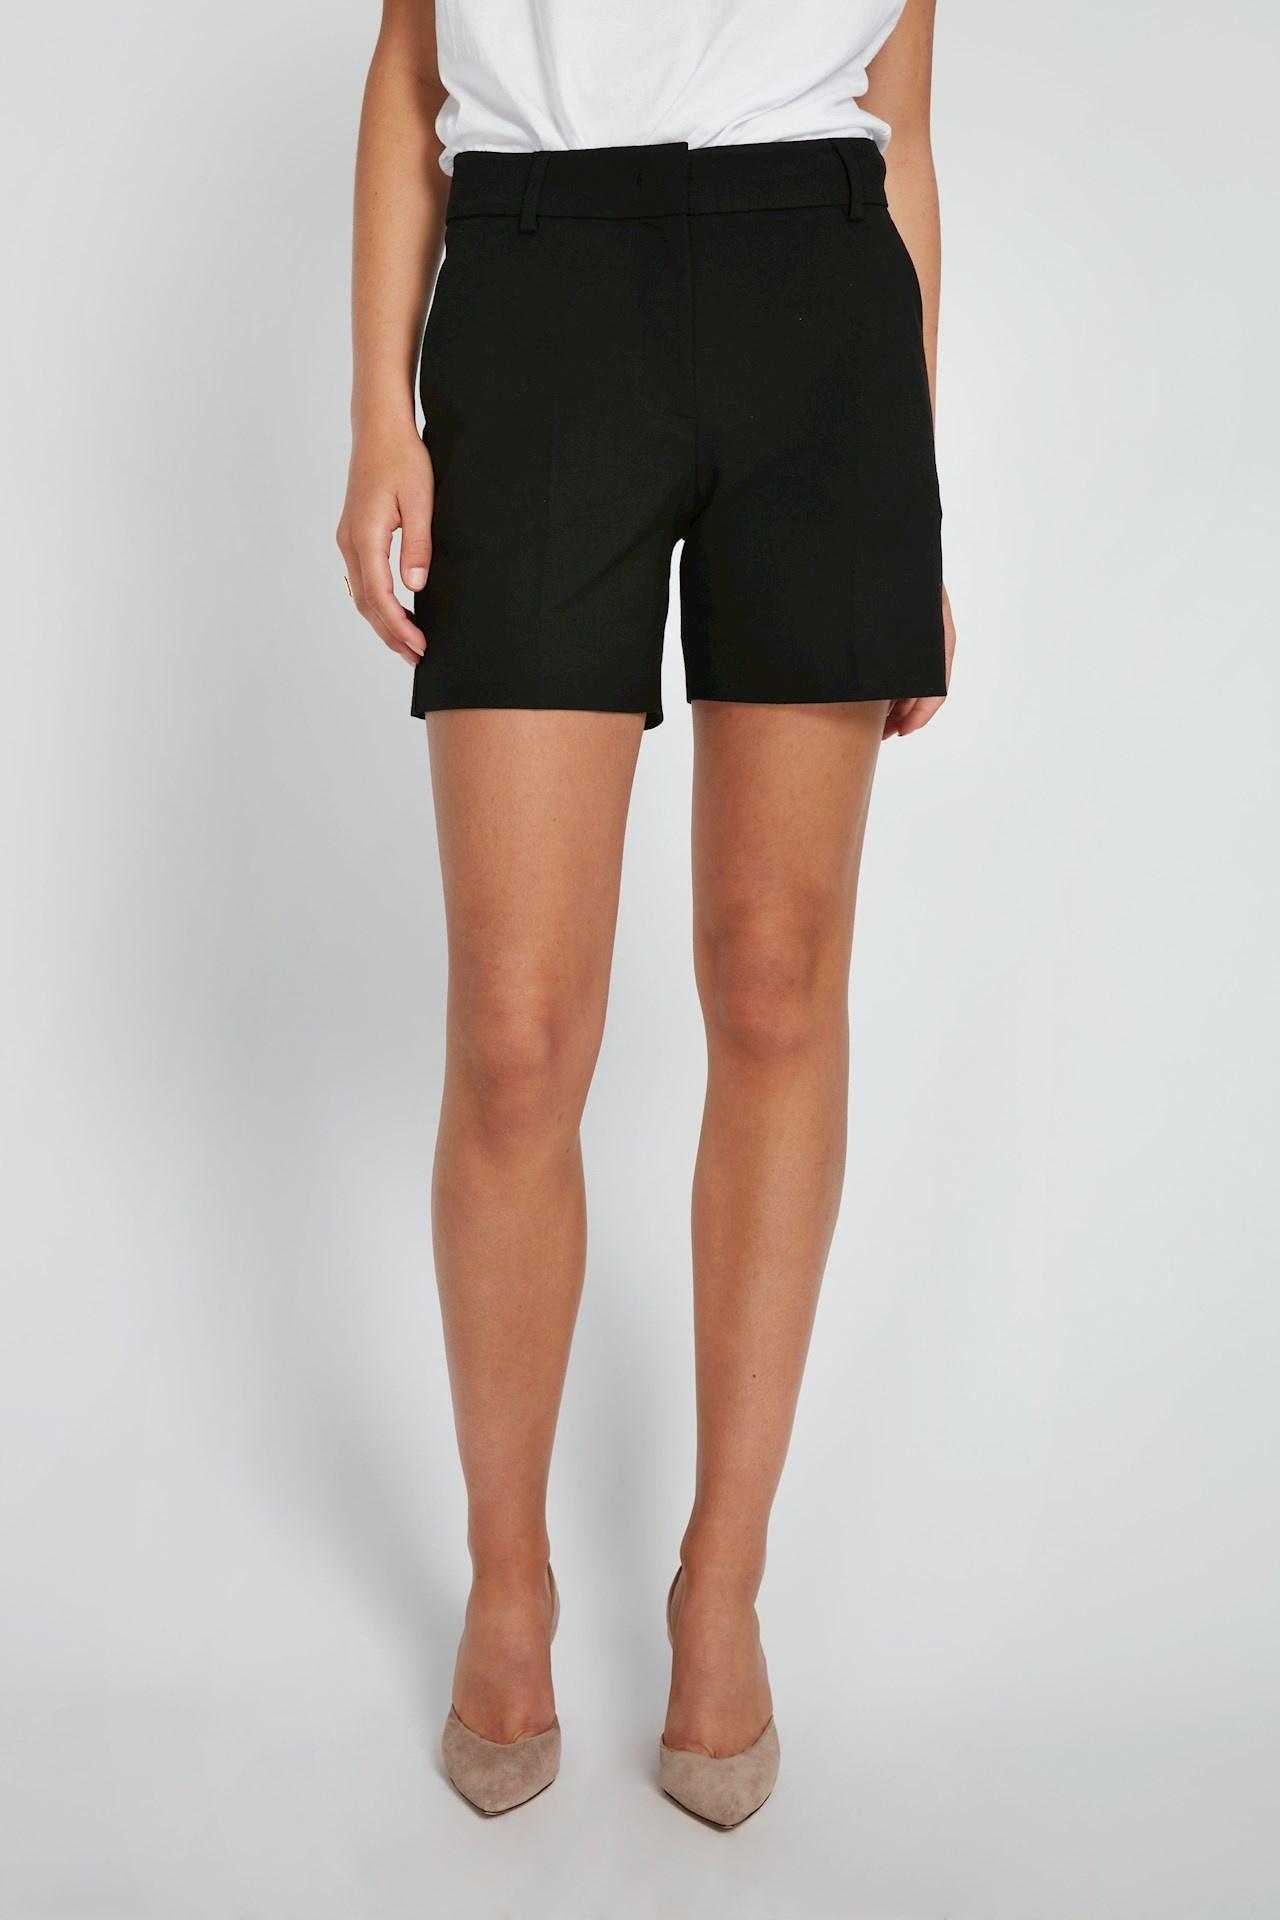 Dena Shorts 396 - Black-3